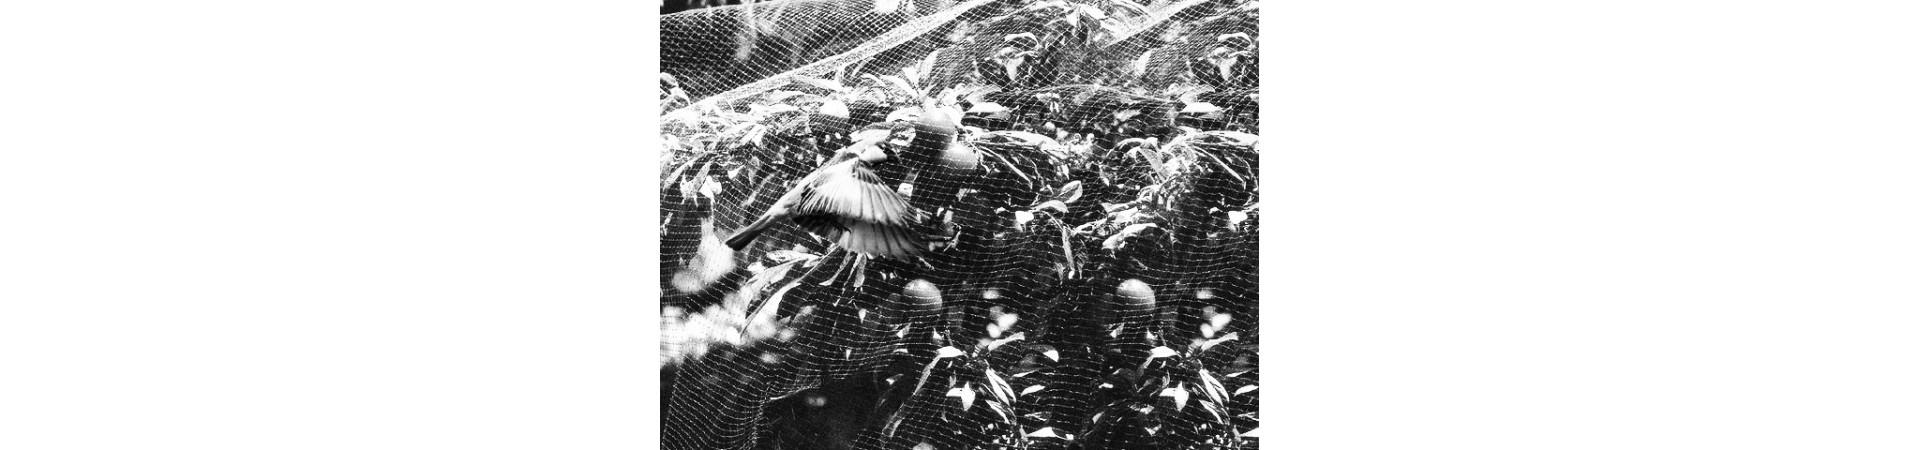 Aviarios, protección animales